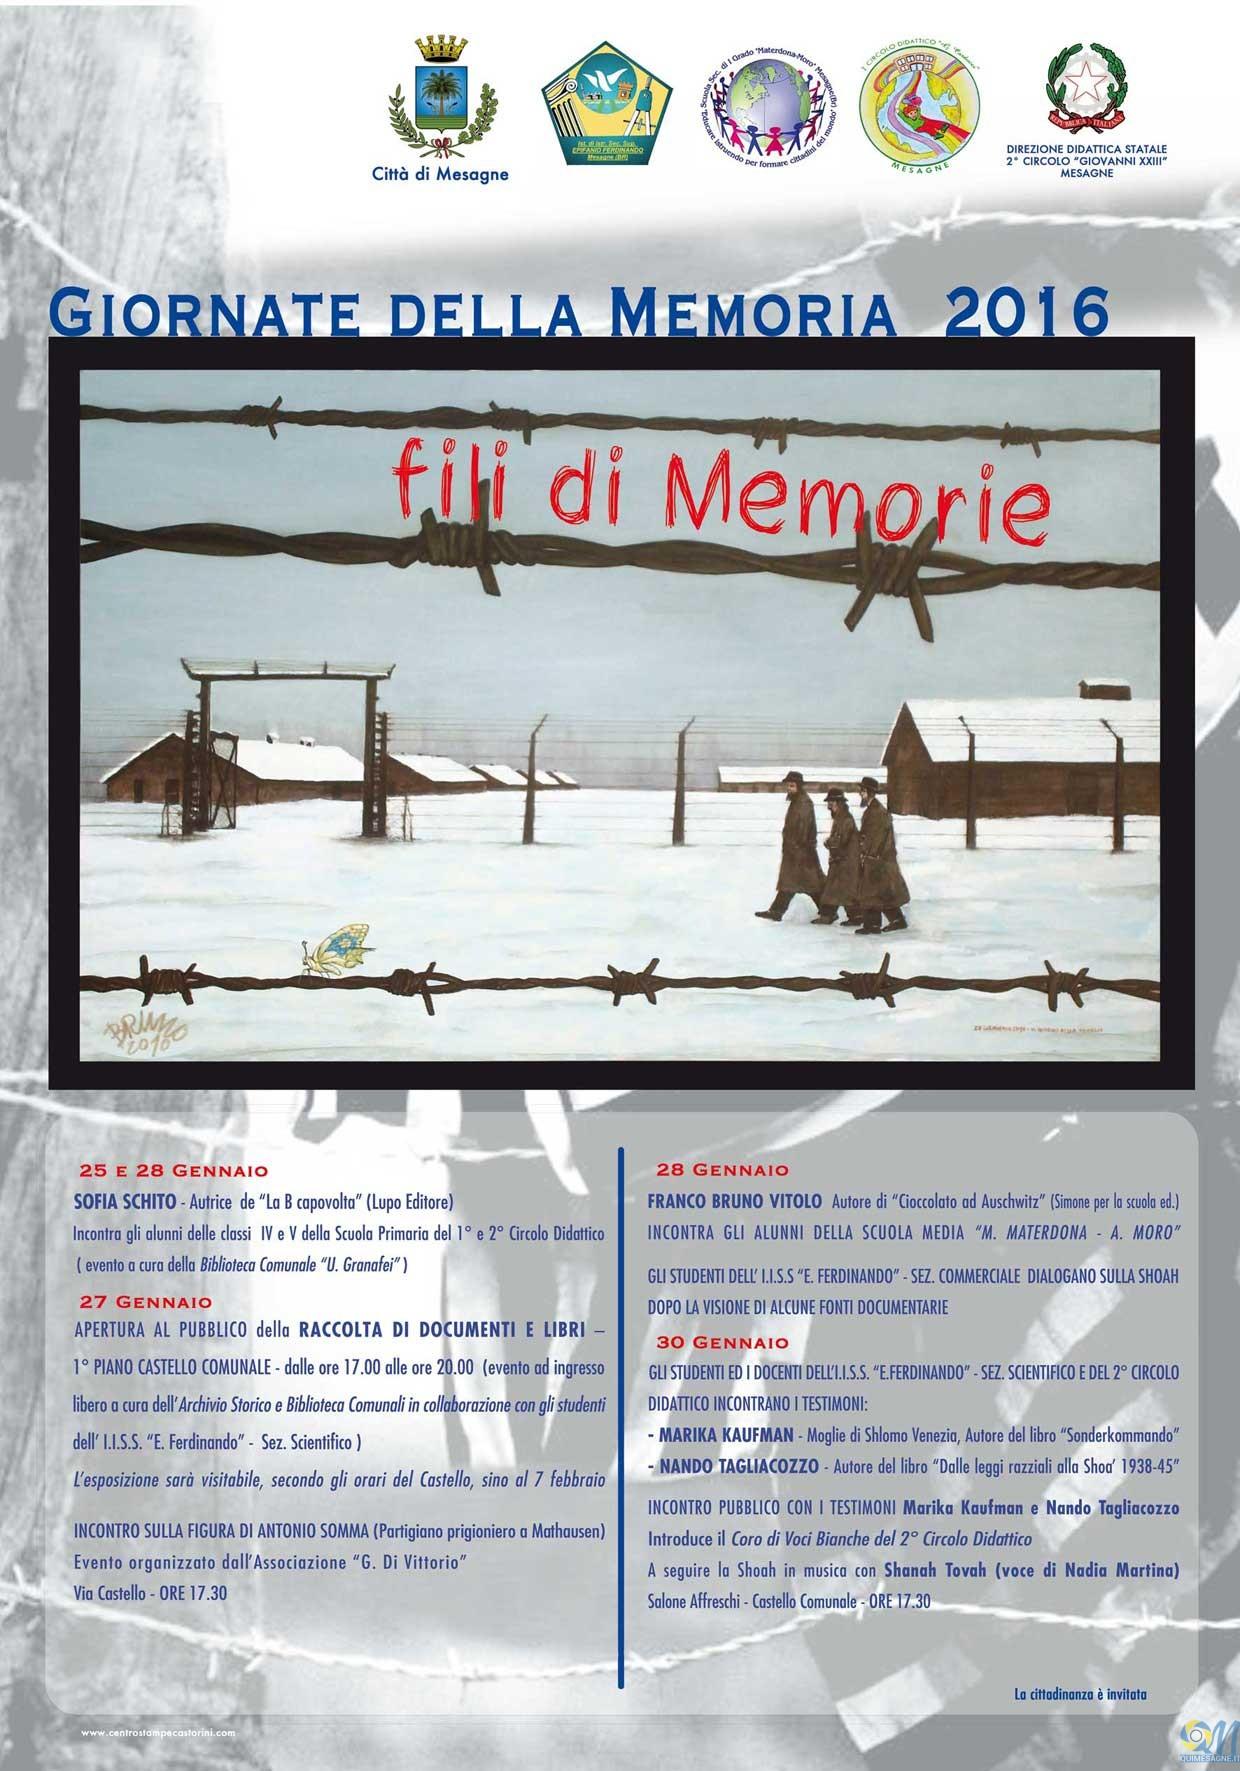 Giornata della Memoria. A Mesagne varie iniziative